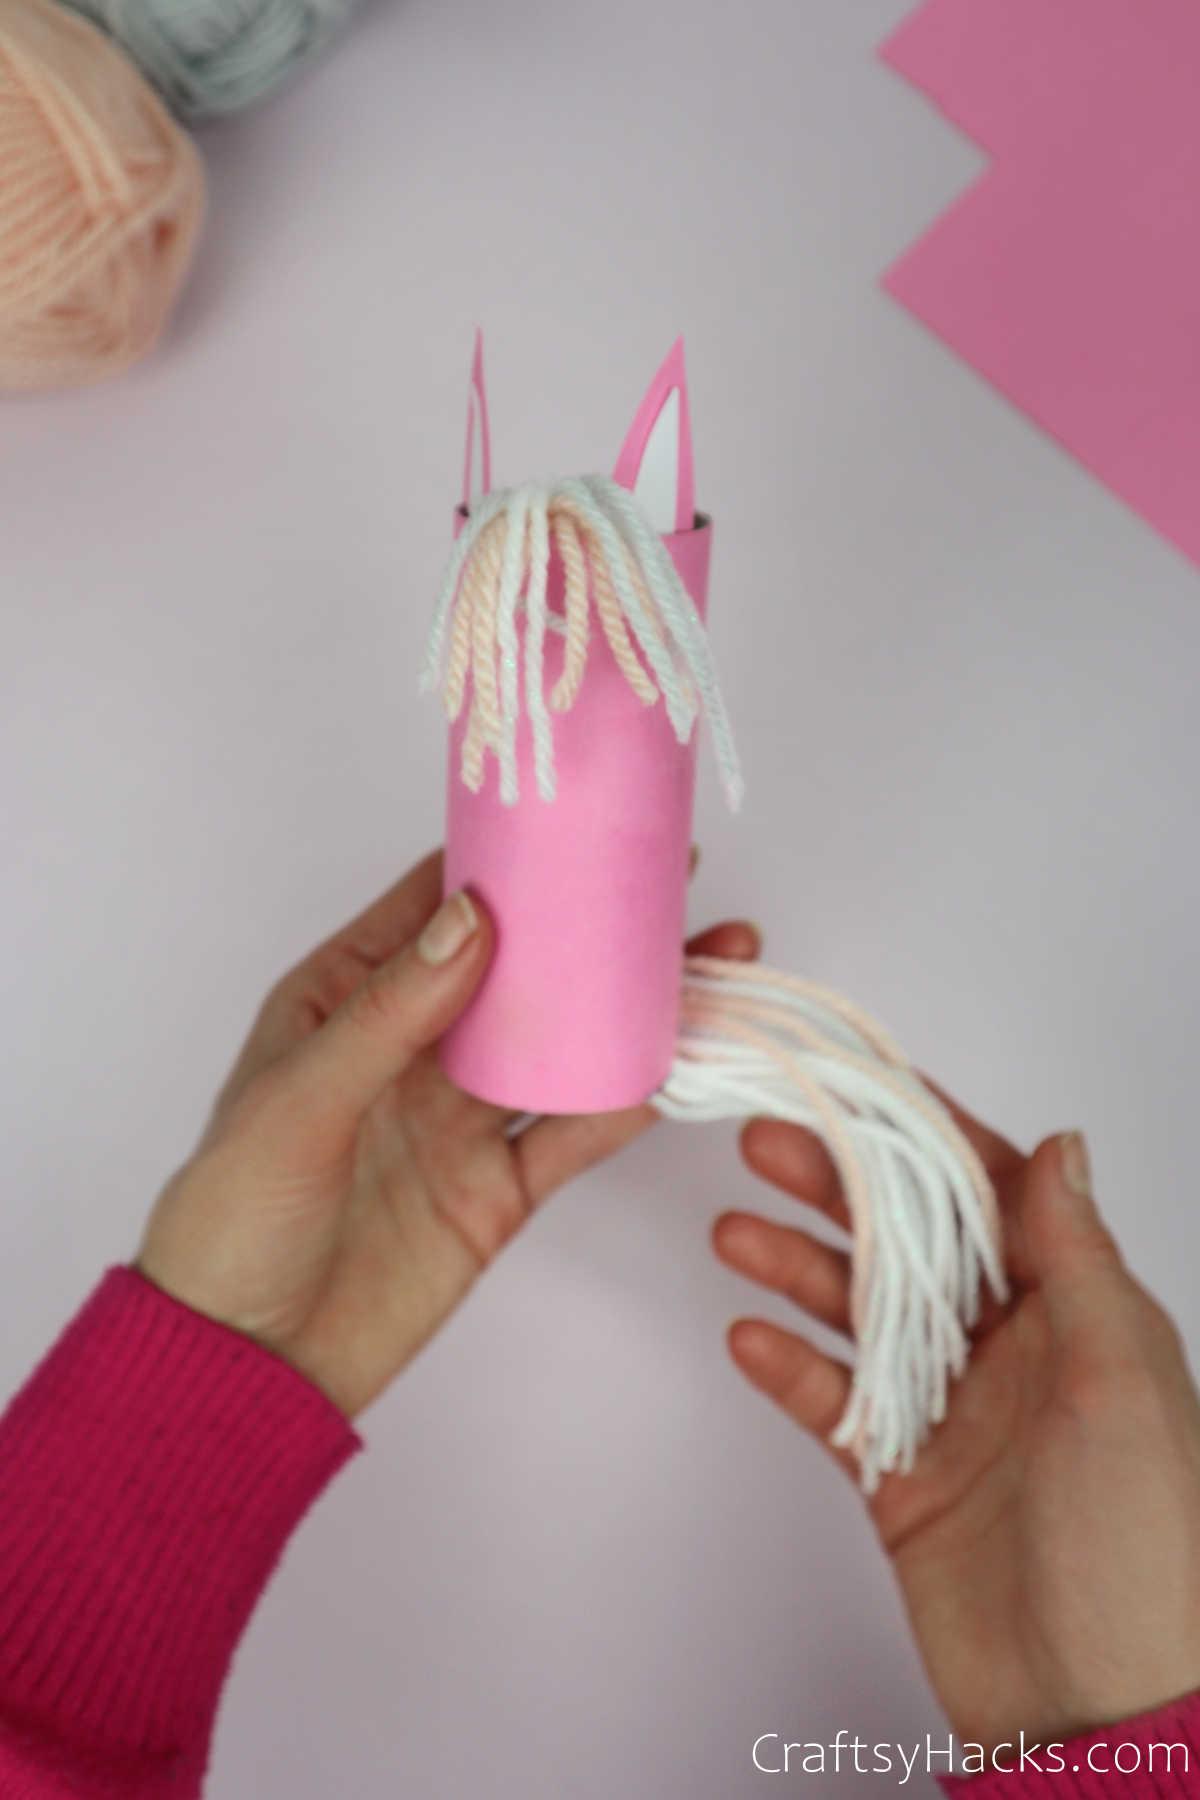 holding unicorn with yarn